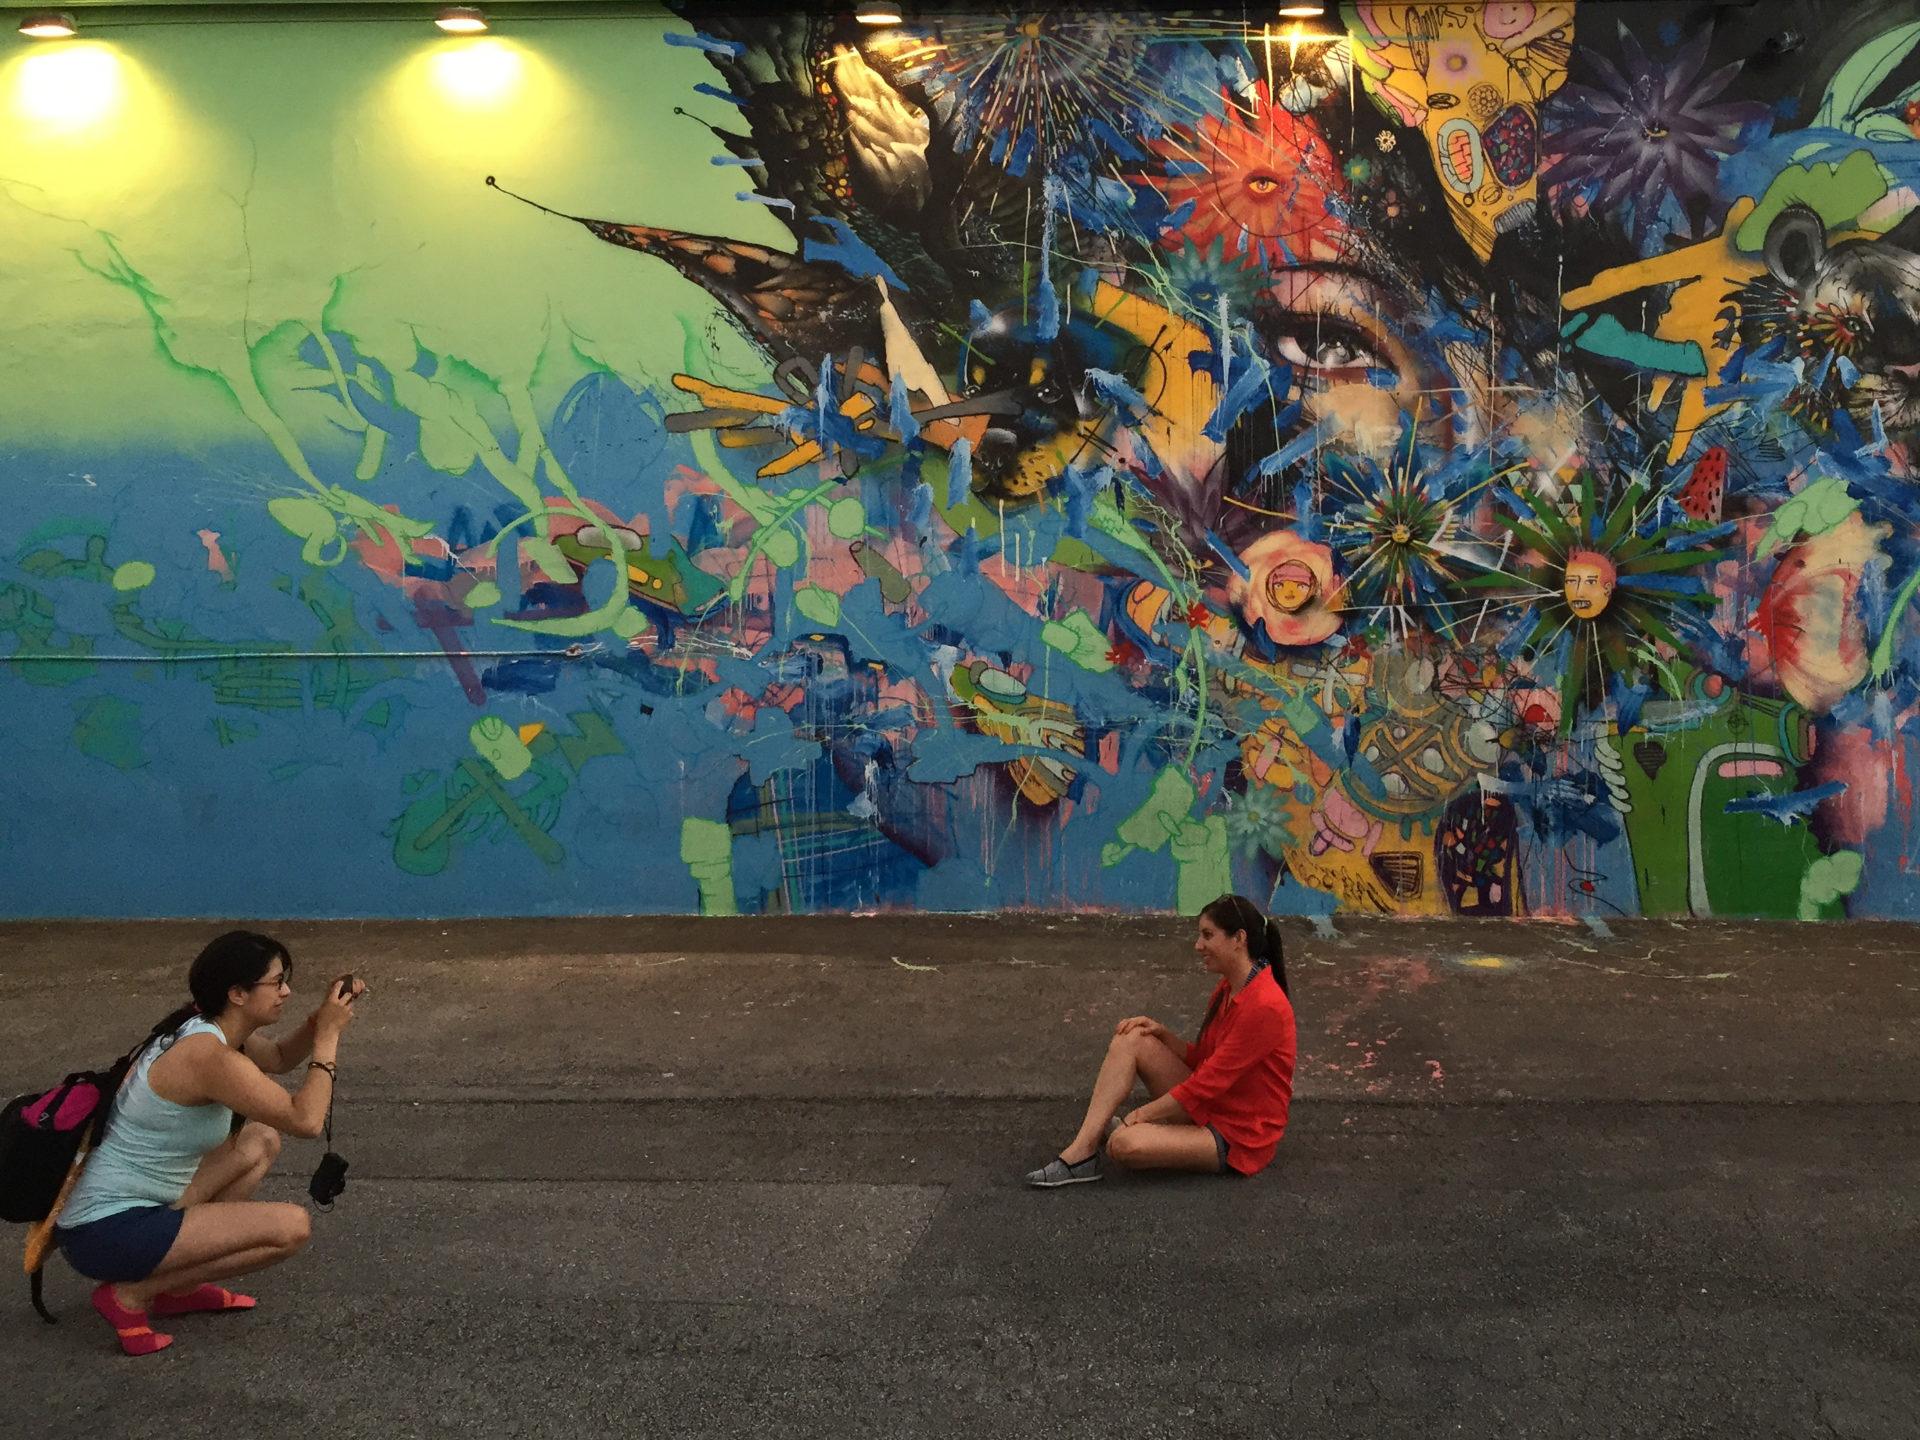 Zwei Touristinnen machen Fotos in Wynwood, Miamis hippem Stadtteil